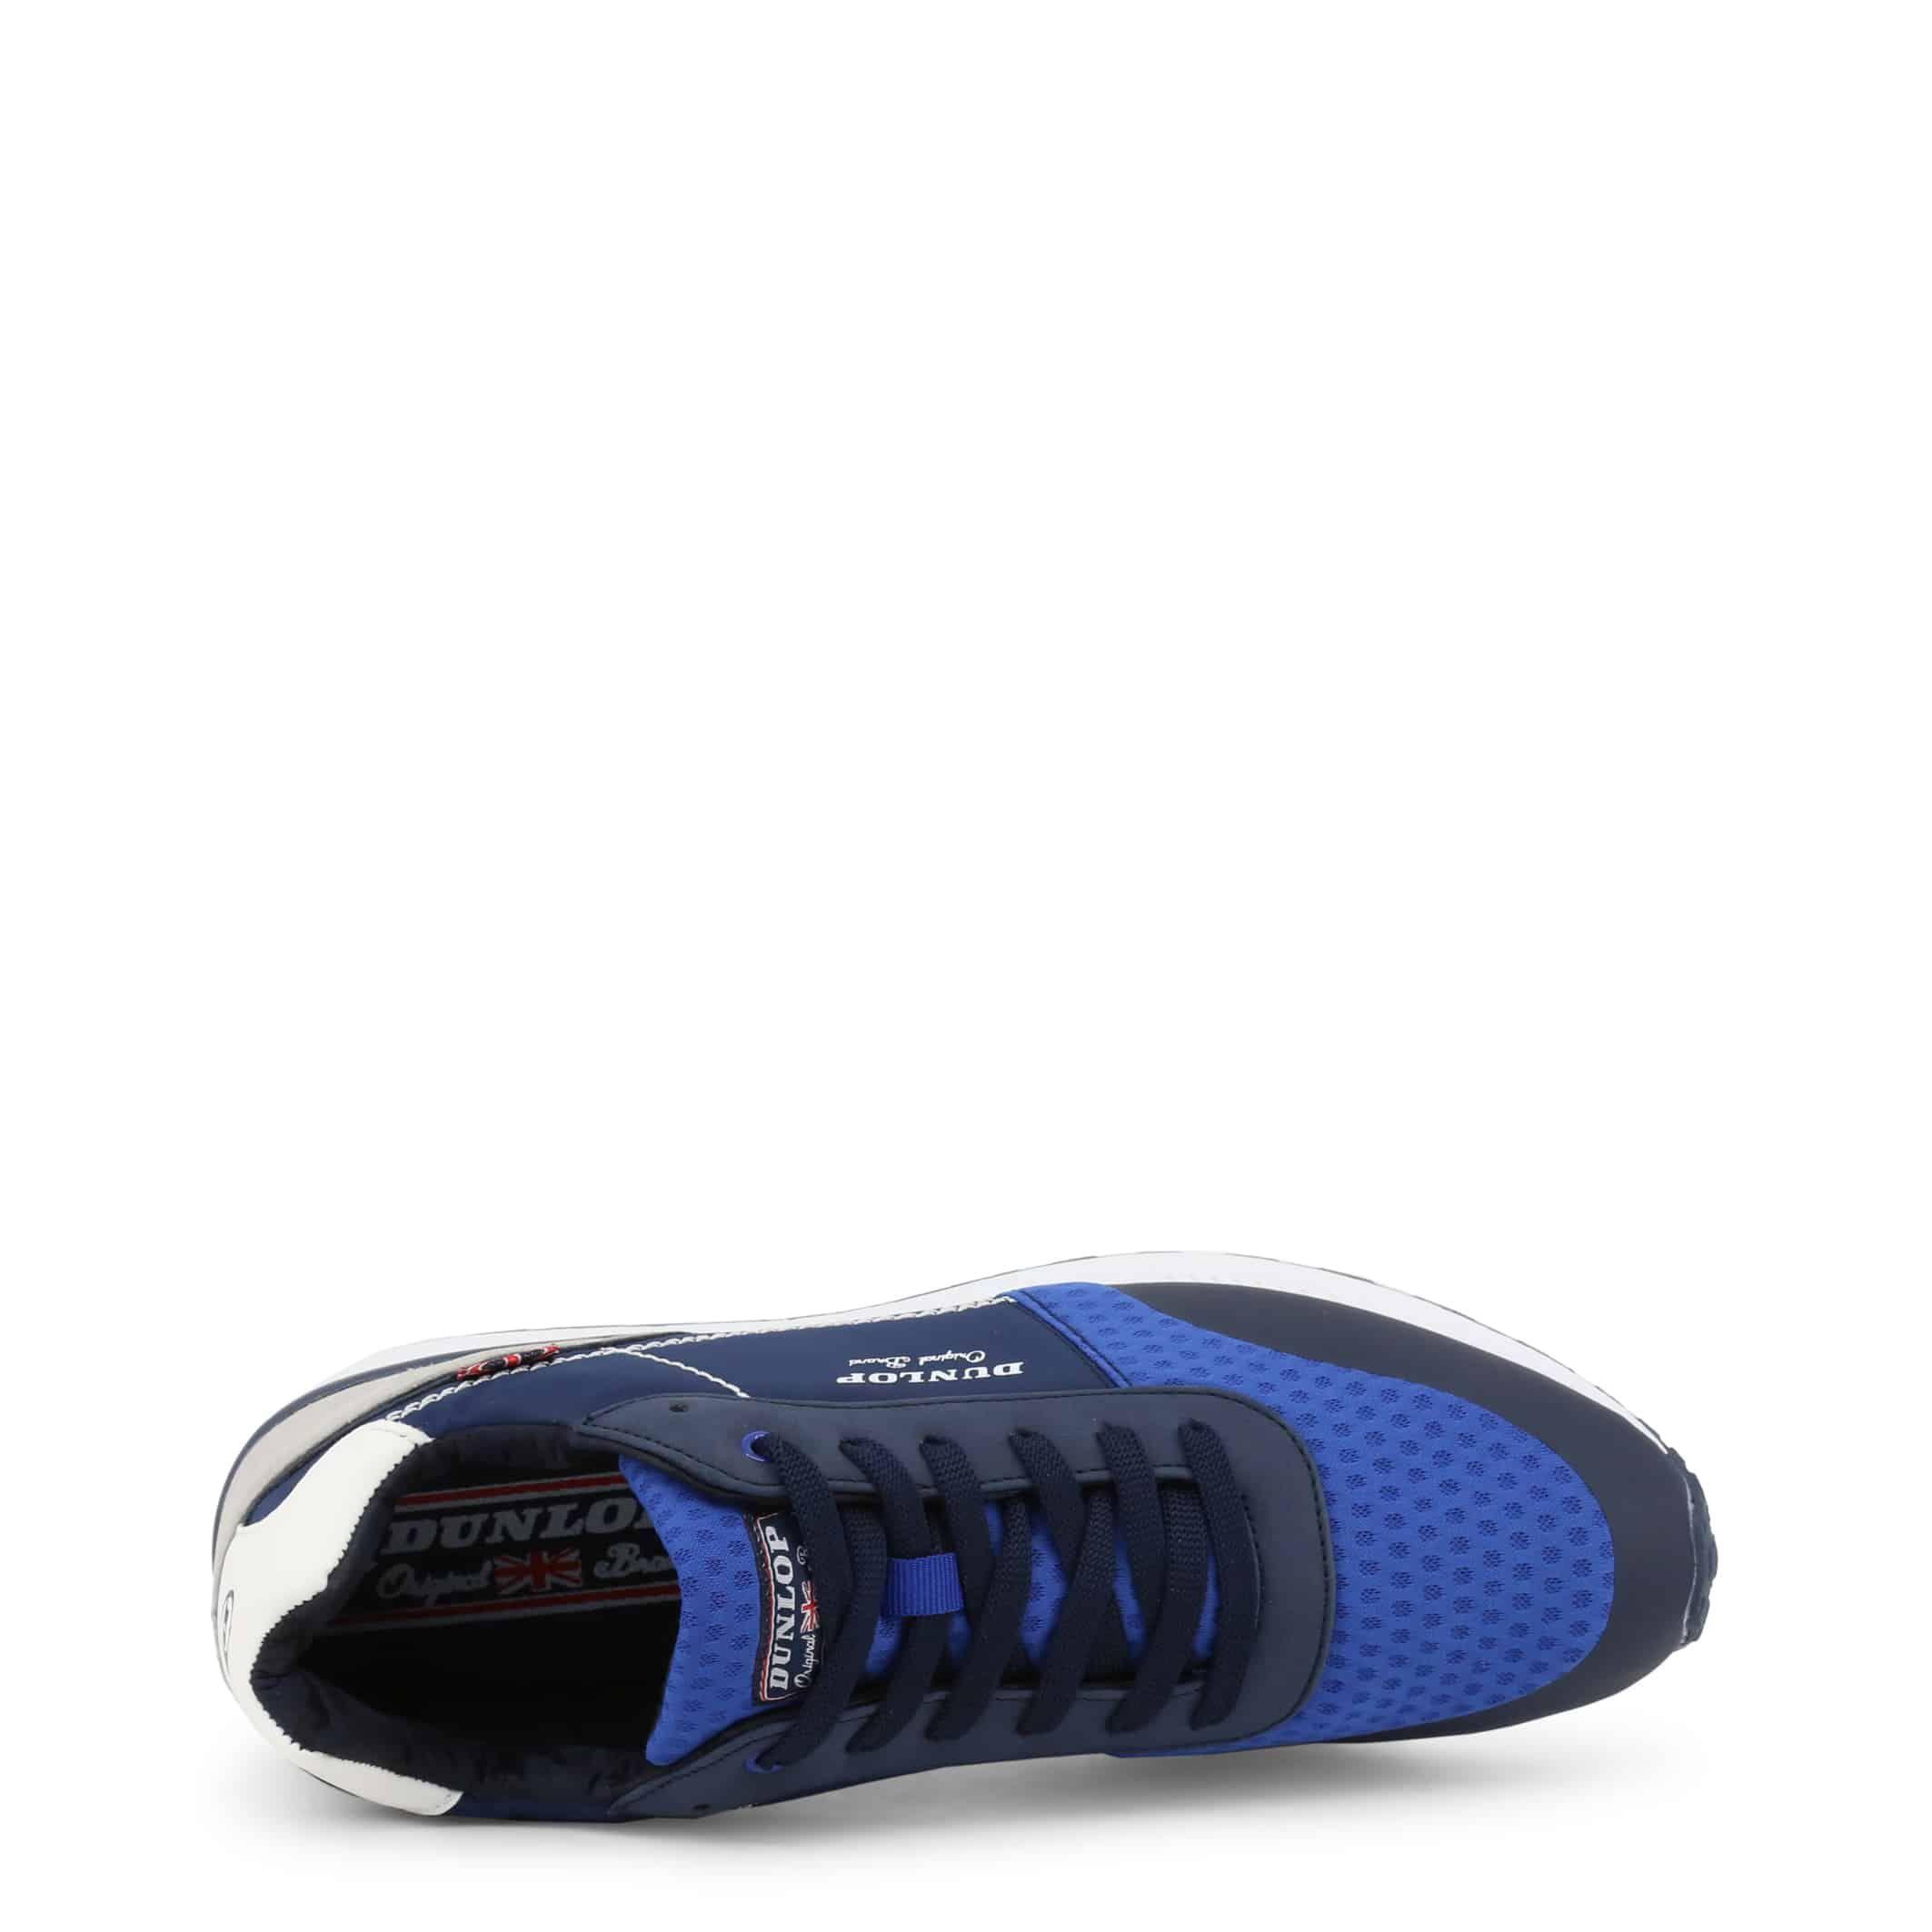 Chaussures Dunlop – 35356